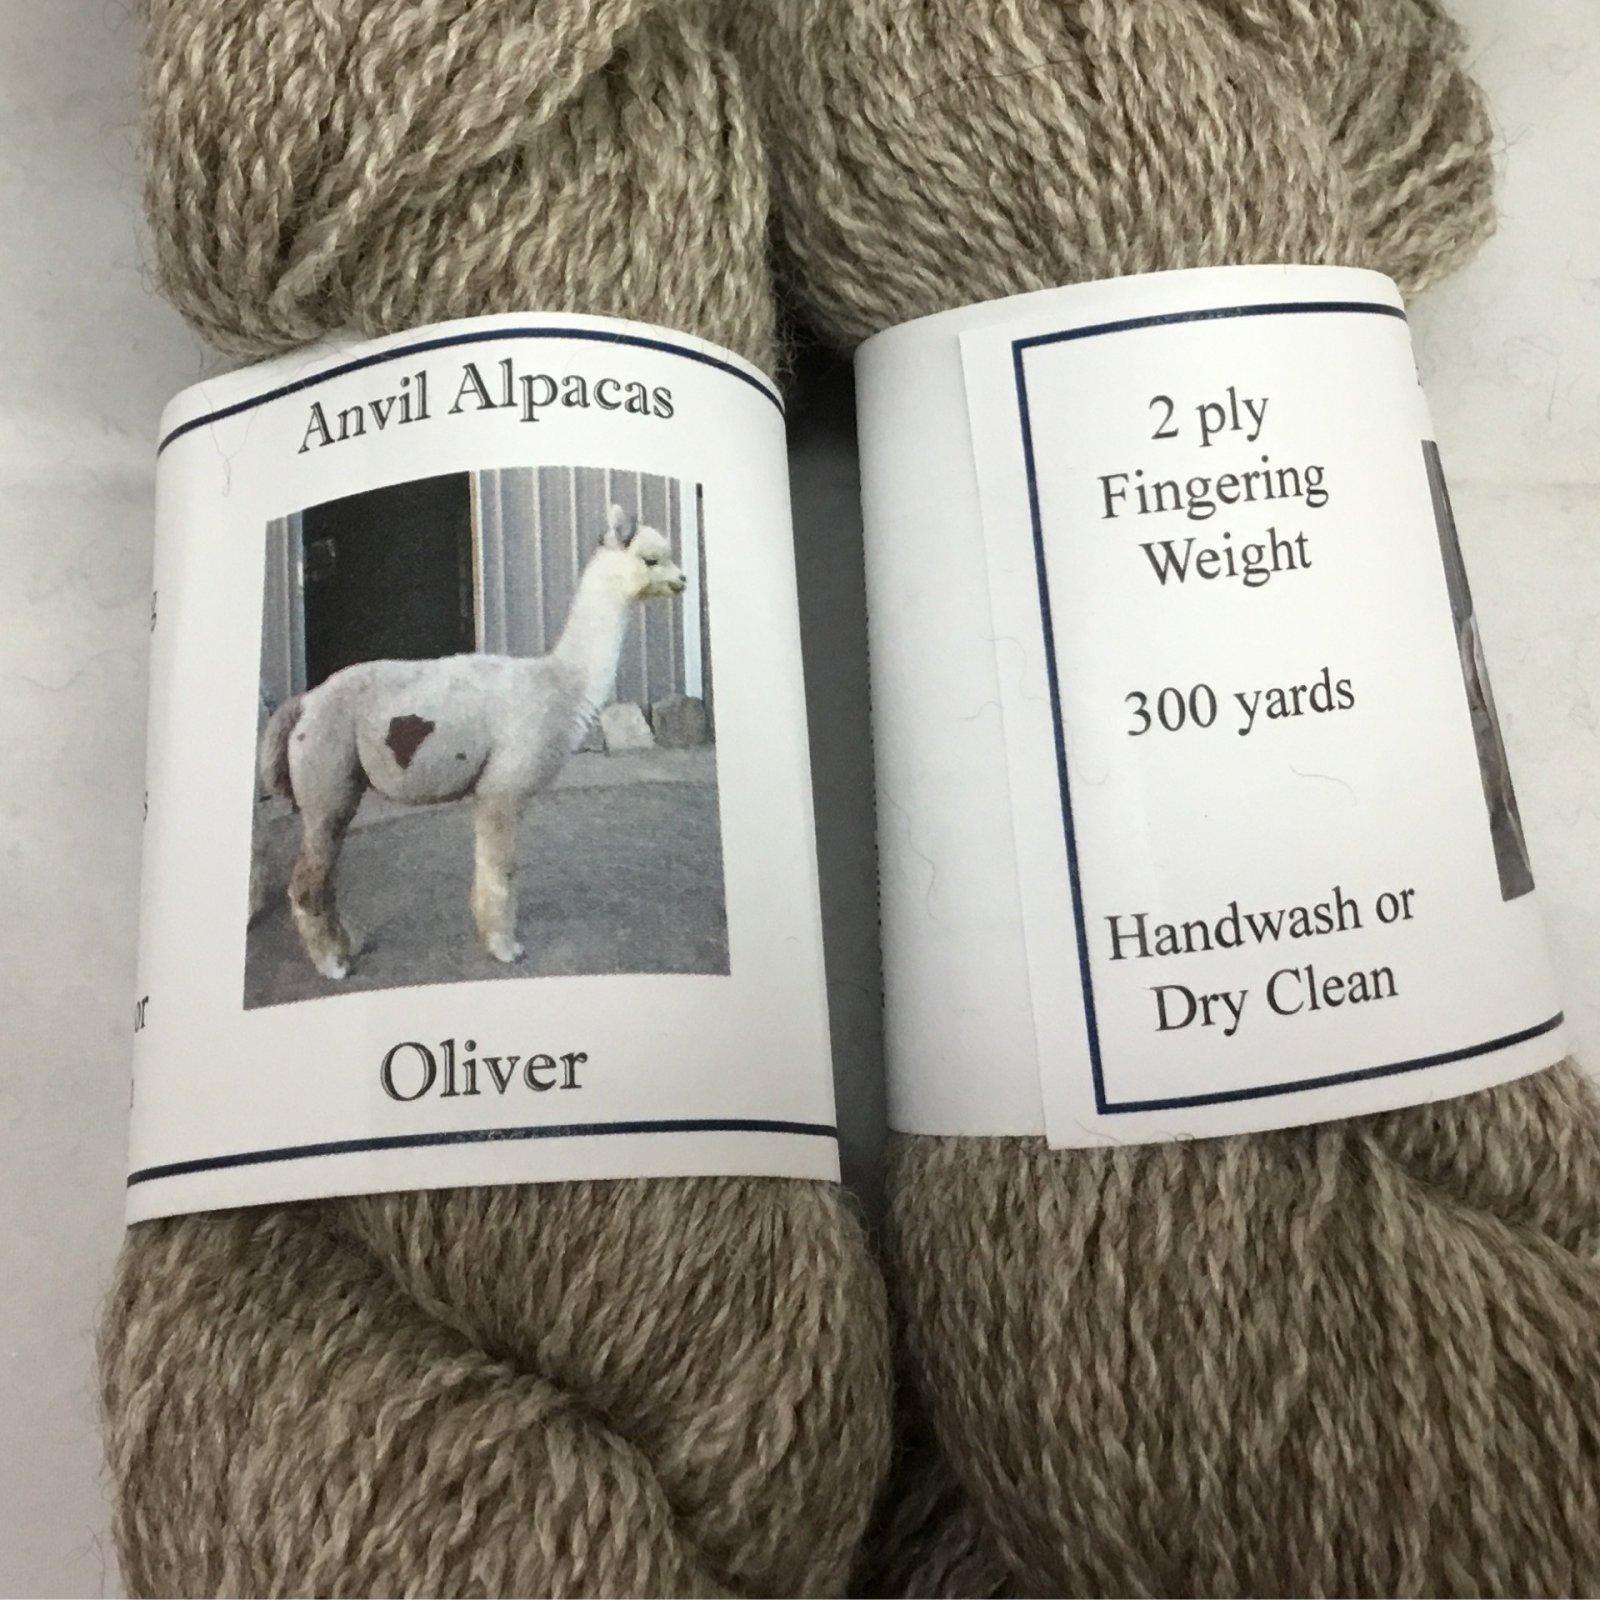 Oliver (2 Ply Fingering)